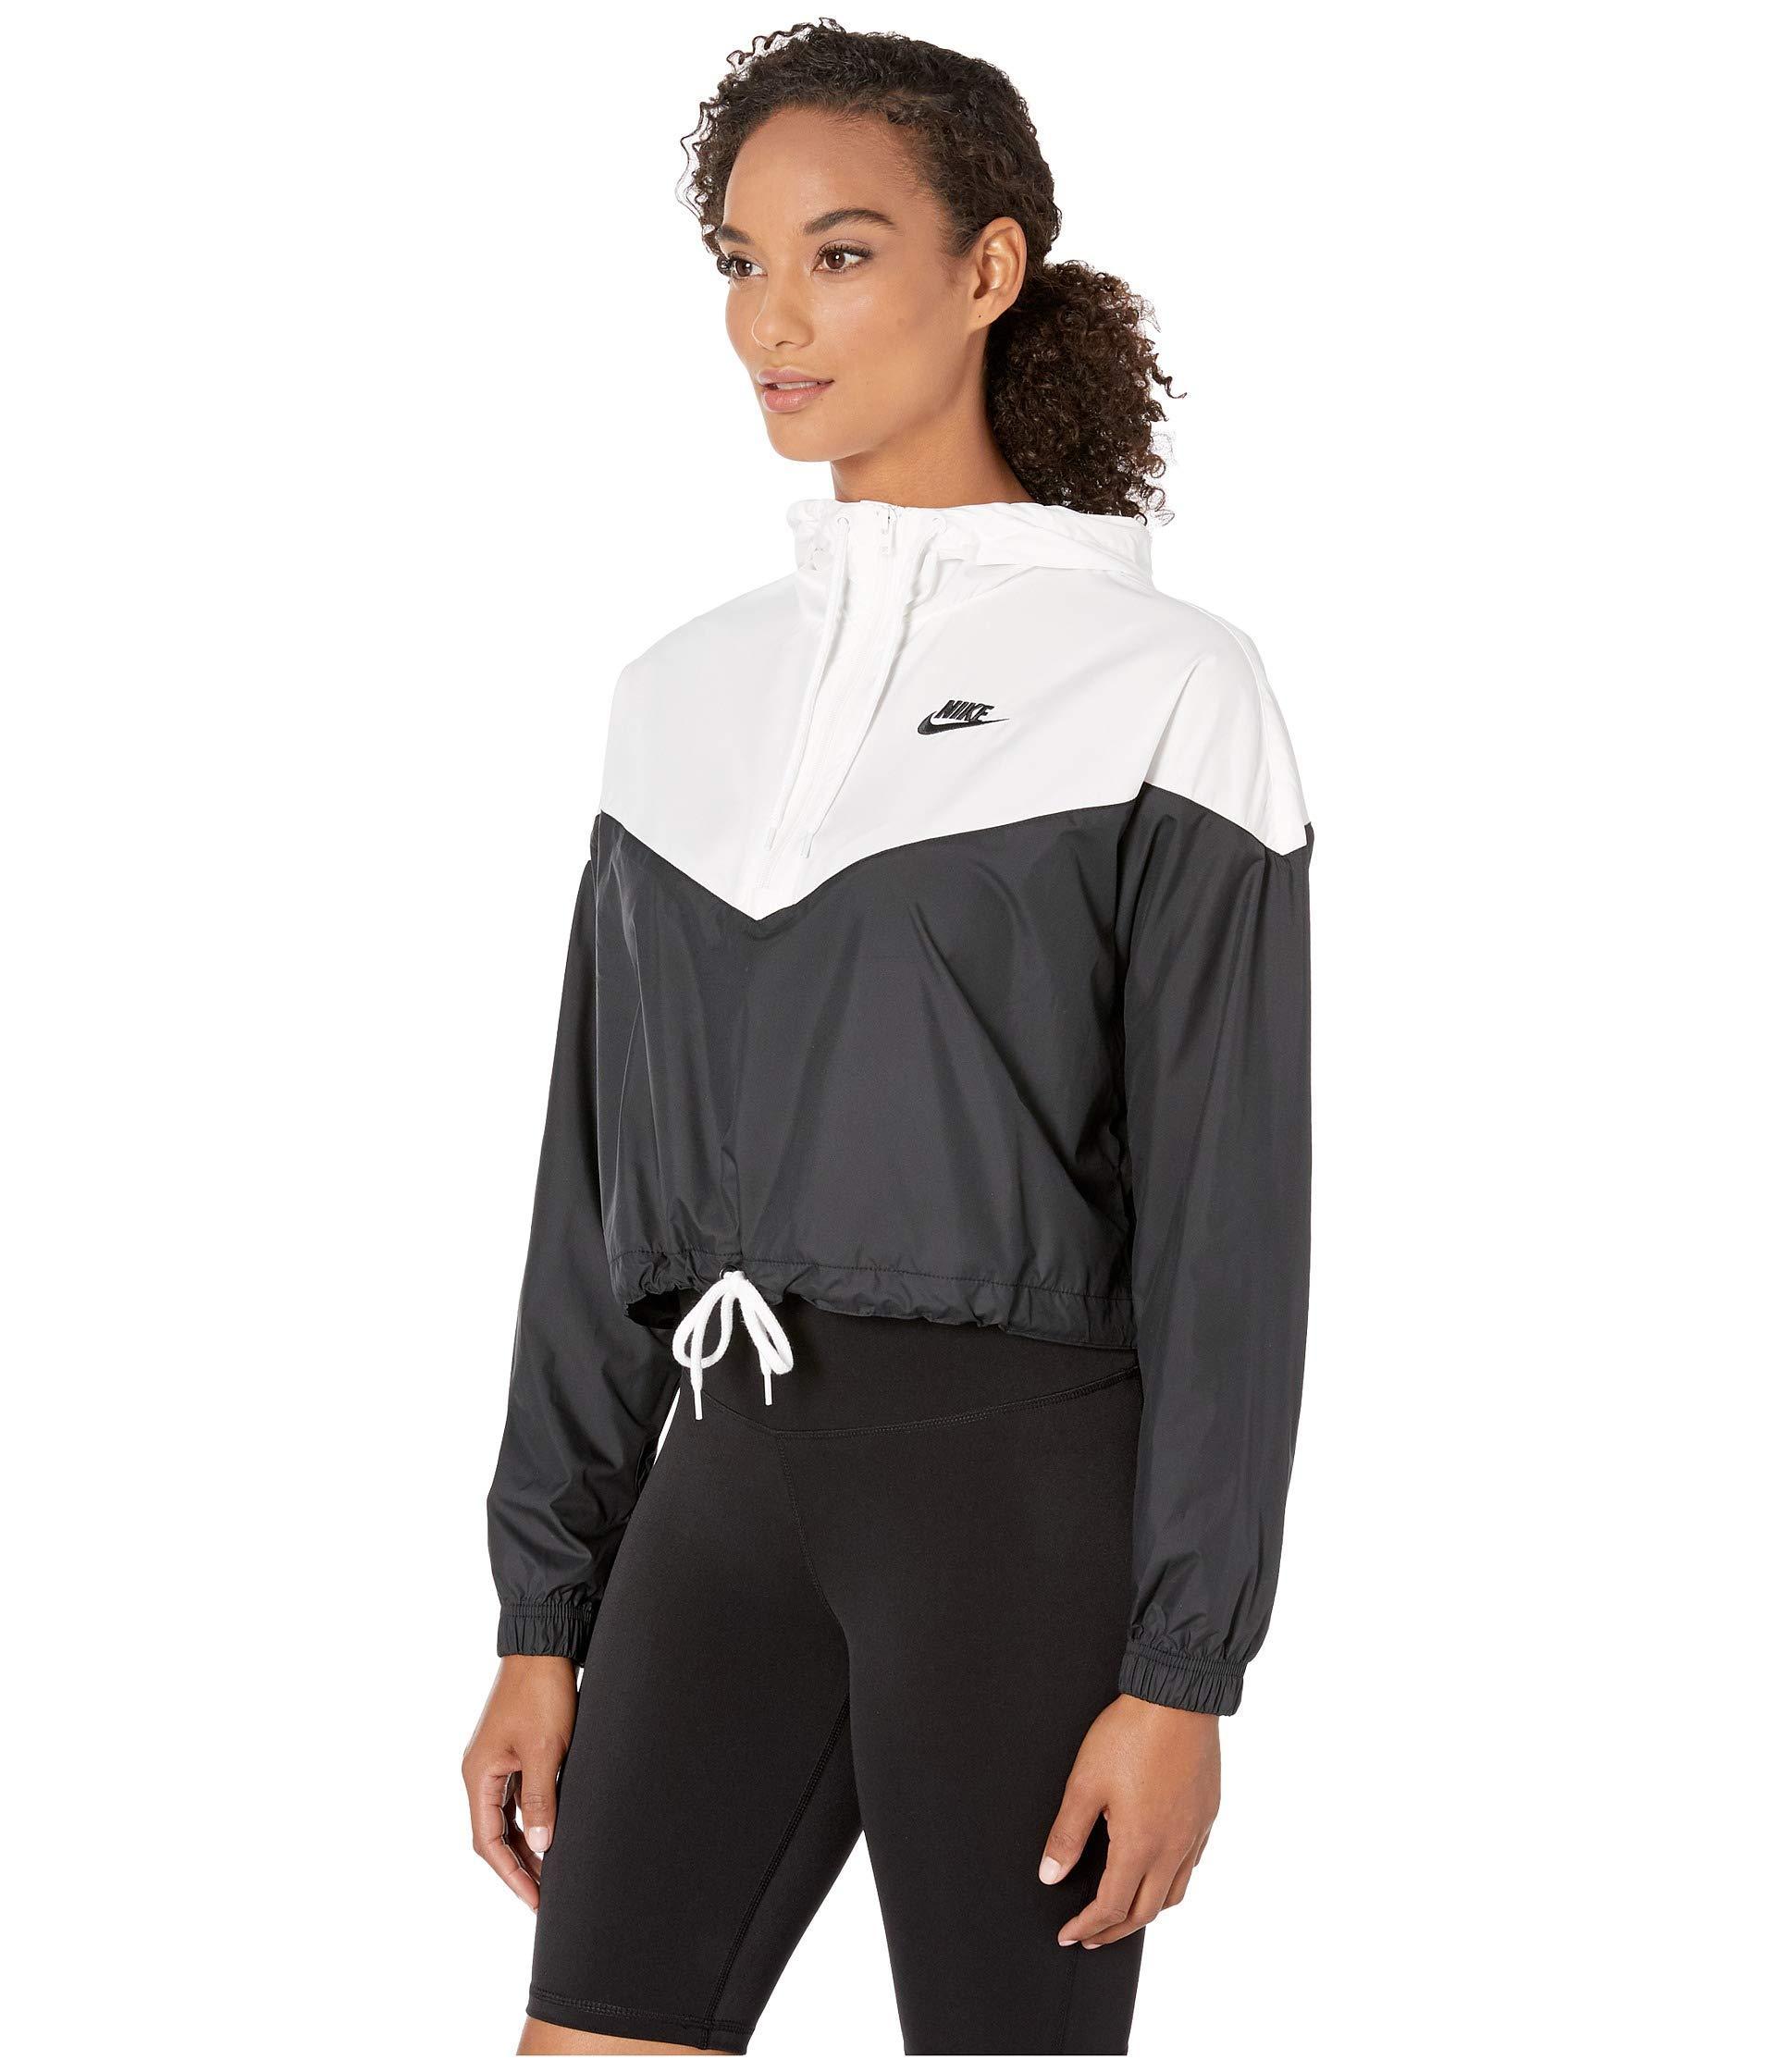 Heritage Sportswear Heritage Coat WindbreakerblackwhiteblackWomen's Sportswear Jacket sQxChrdt